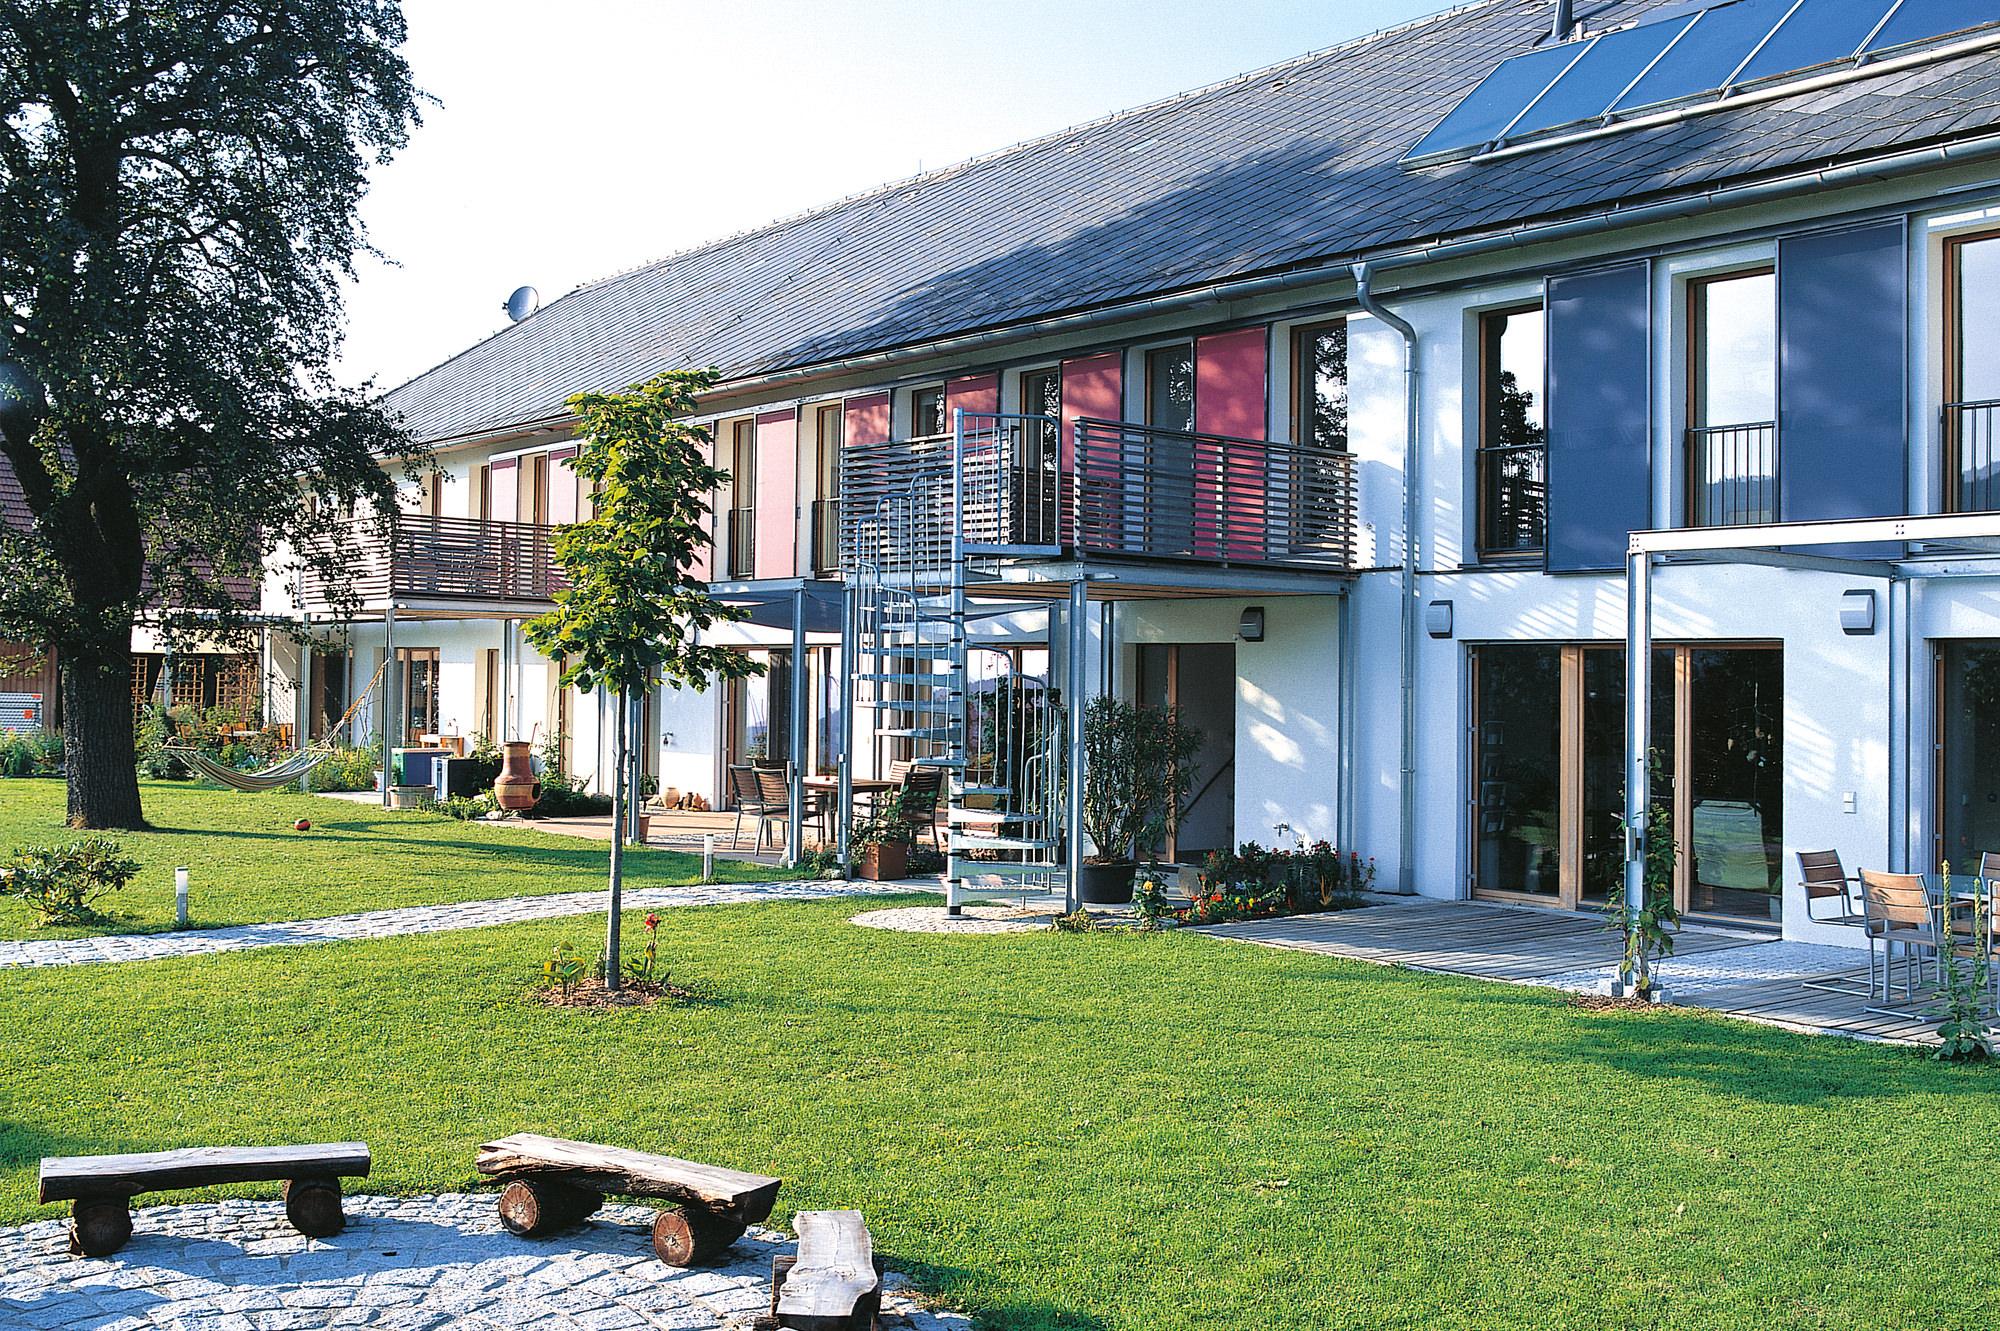 wohnhof 01 umbau sanierung bauernhaus junger beer architektur